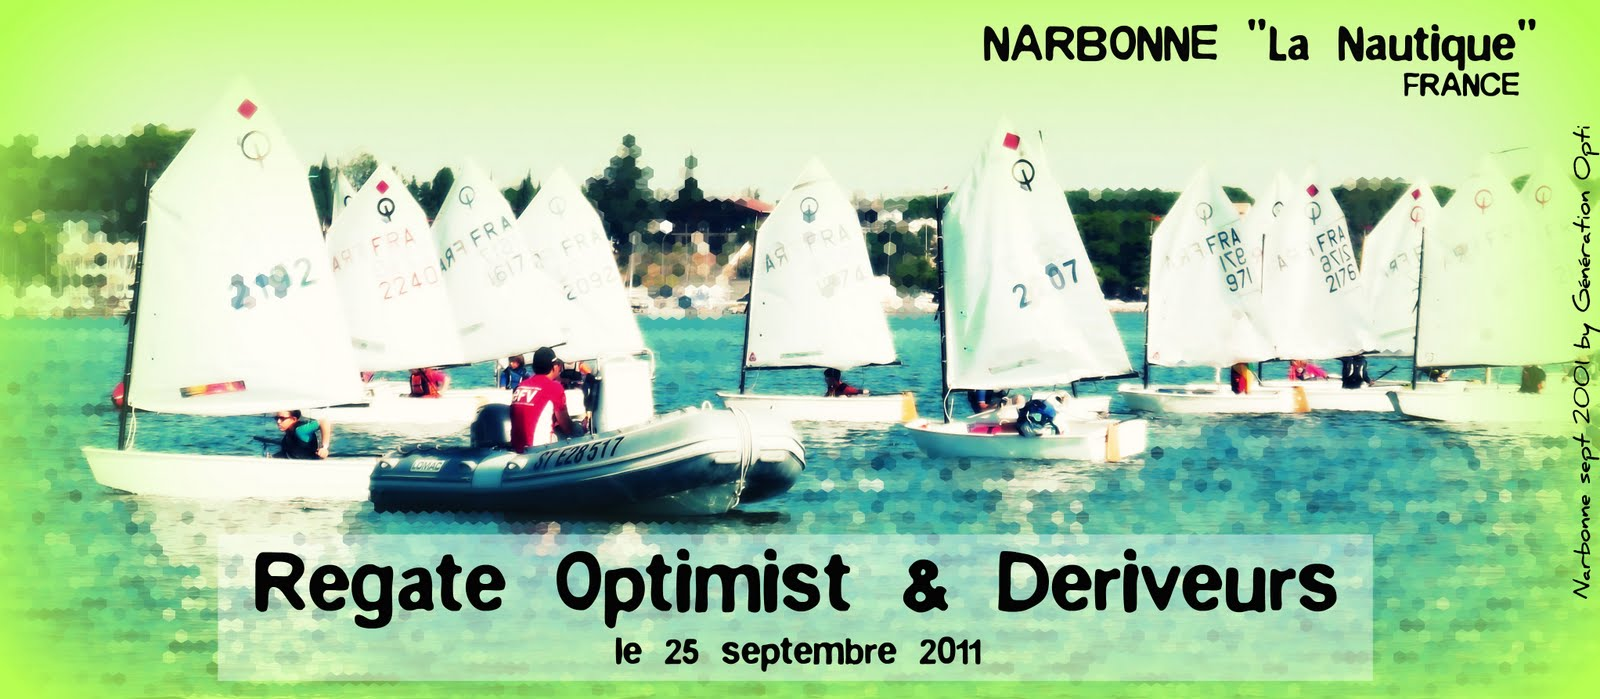 generation opti optimist narbonne régate 11